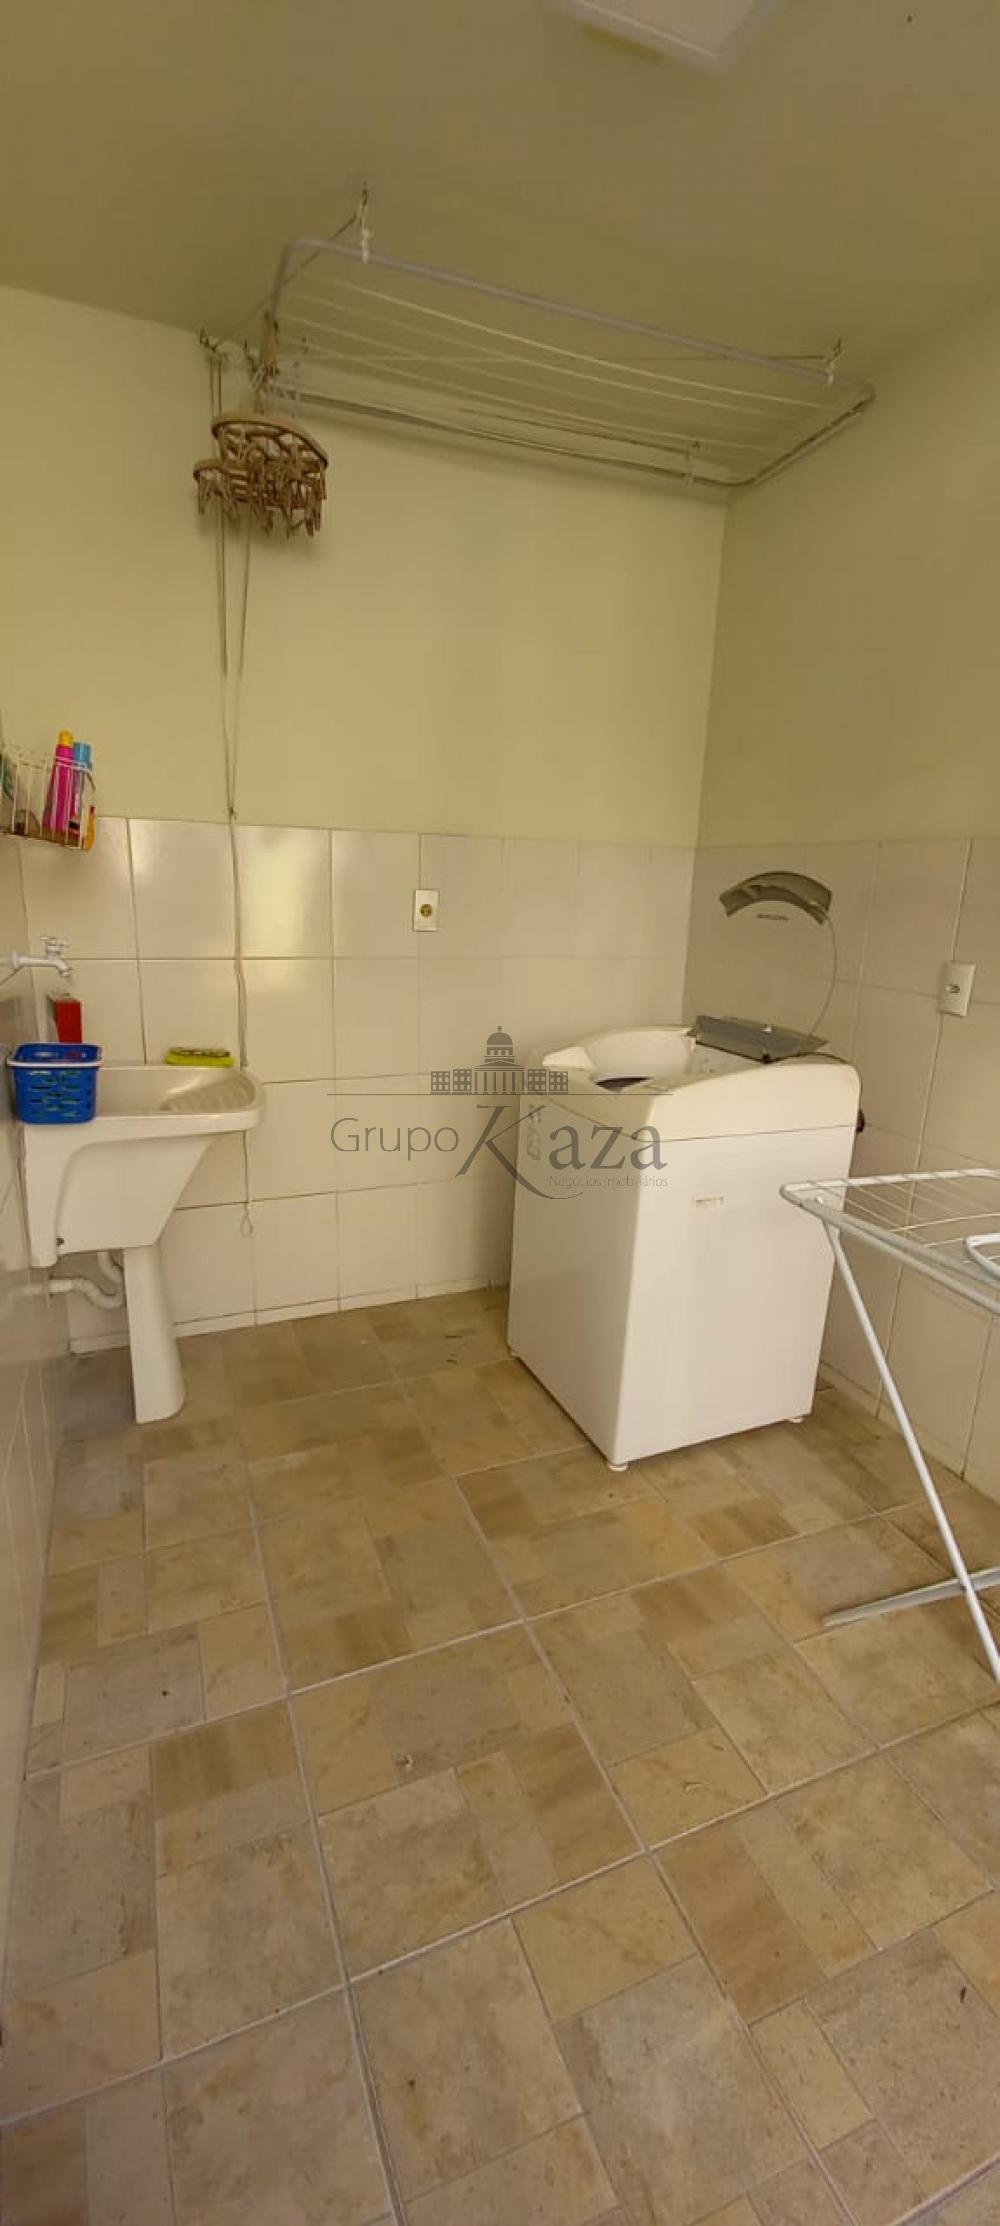 alt='Comprar Casa / Comercial / Residencial em São José dos Campos R$ 1.500.000,00 - Foto 32' title='Comprar Casa / Comercial / Residencial em São José dos Campos R$ 1.500.000,00 - Foto 32'